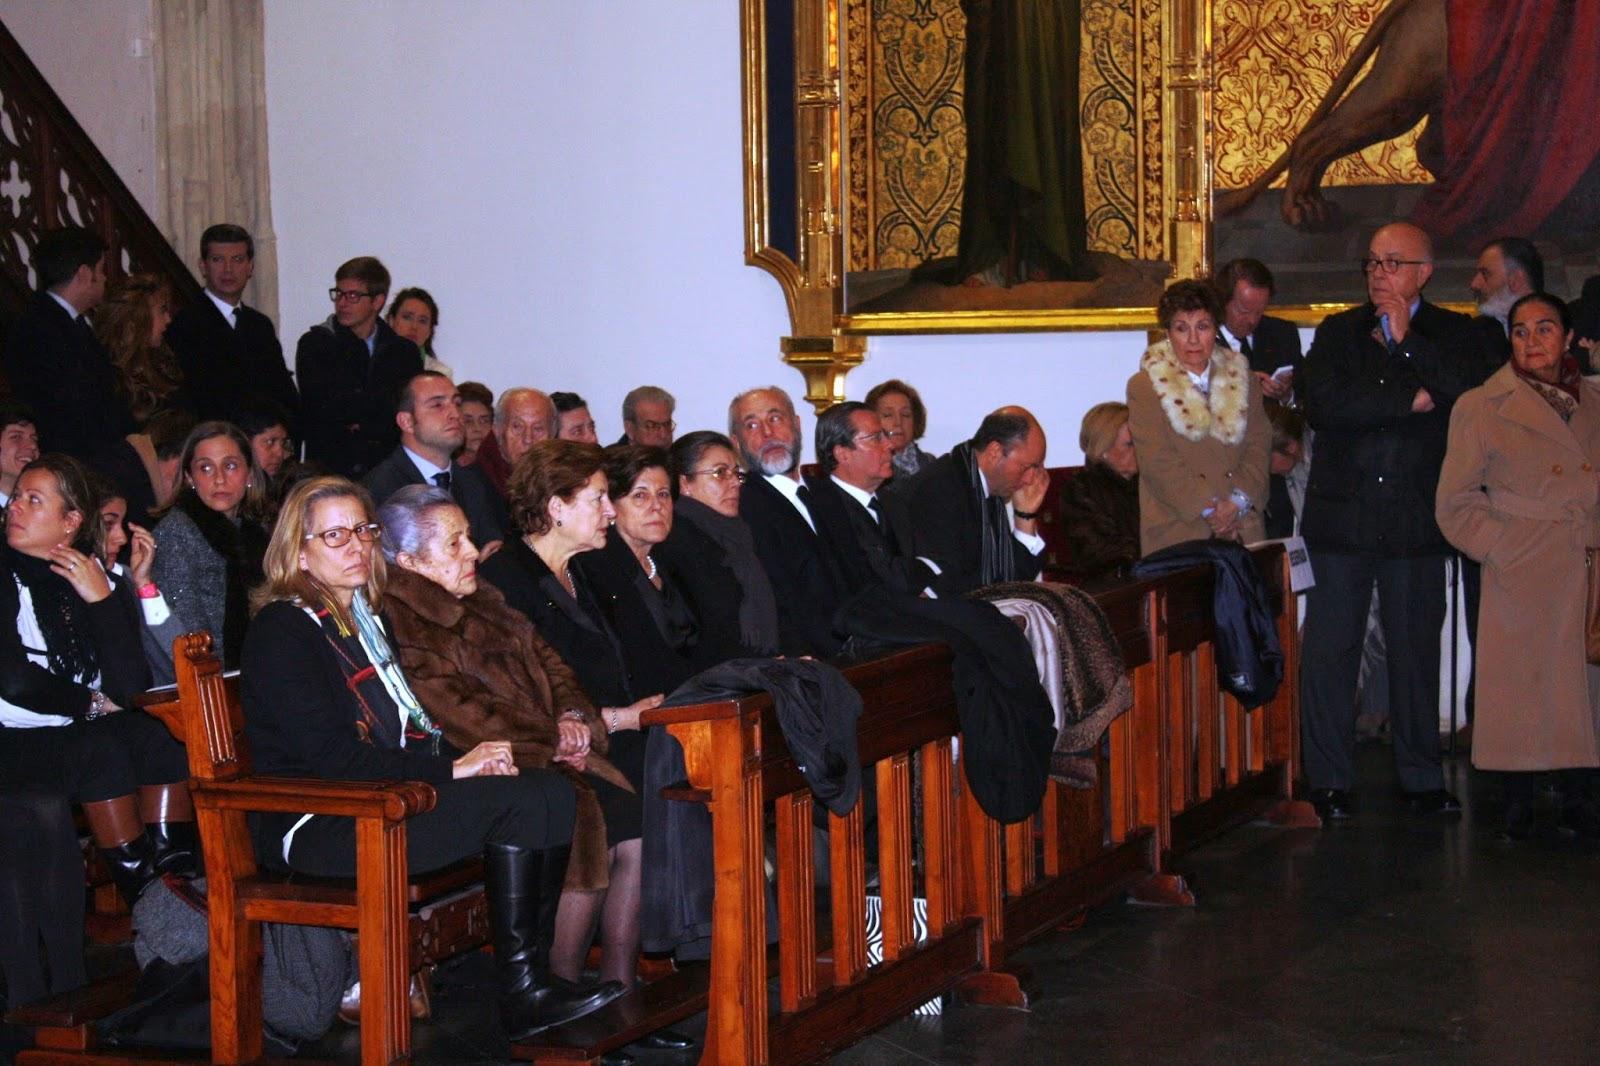 Algunos de los asistentes al homenaje, entre los que puede verse a De la Cigoña o Tejero. AJE